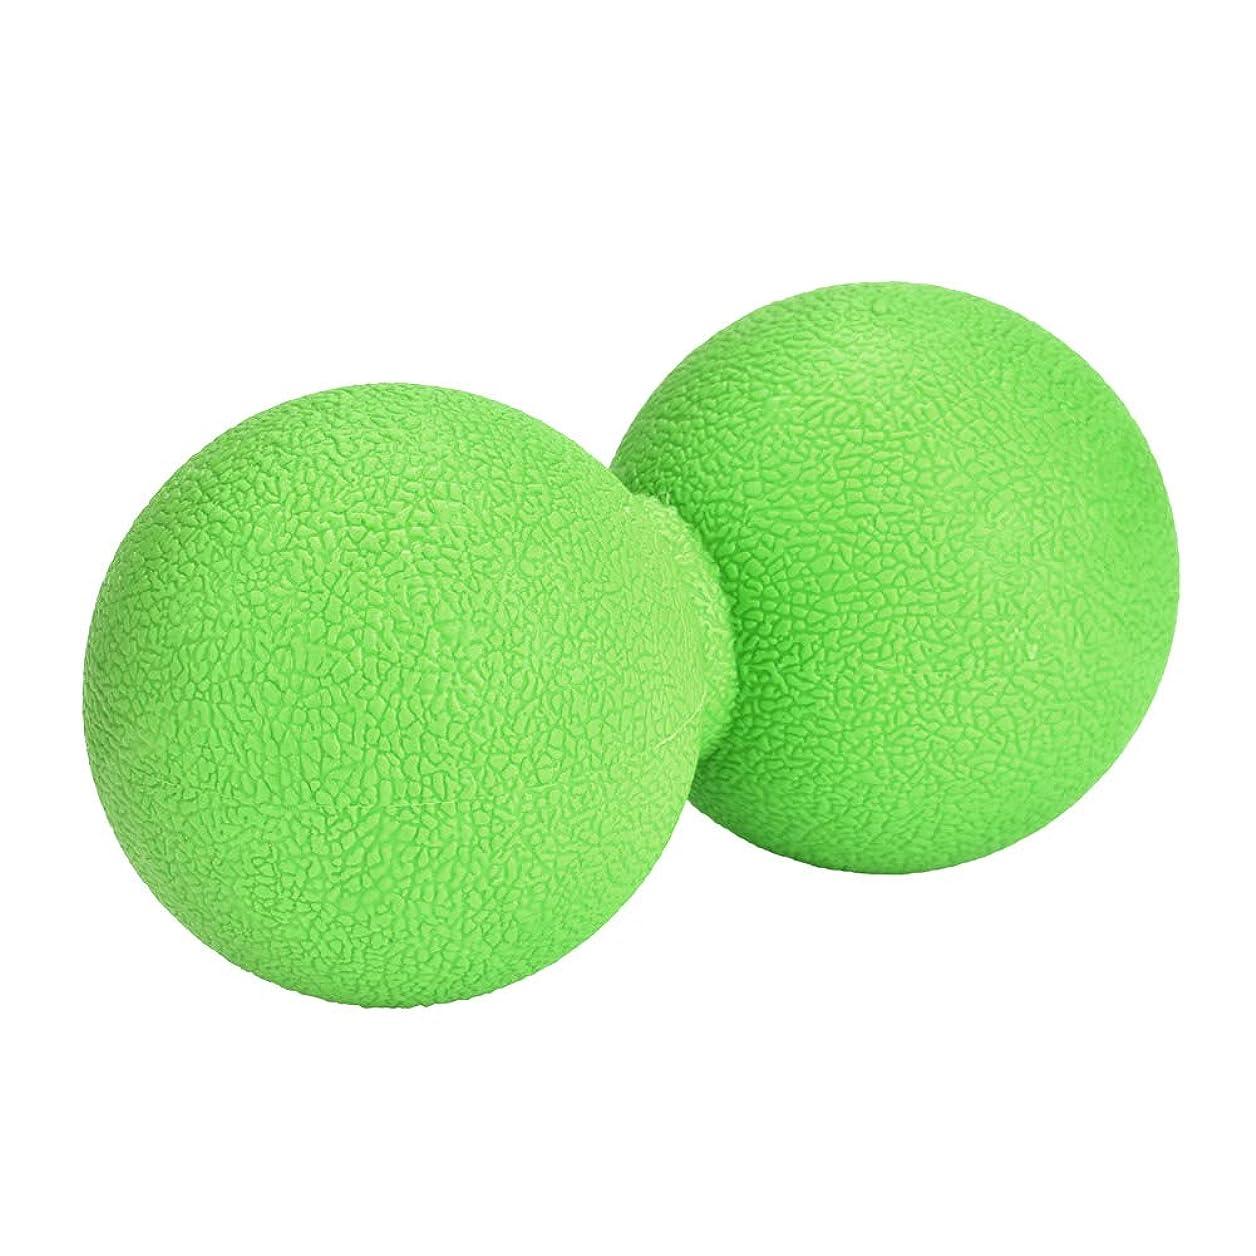 弾性壊す助けてマッサージボール ストレッチボール ピーナッツ型 ヨガボール 首 背中 肩こり 腰 ふくらはぎ 足裏 筋膜リリース トレーニング